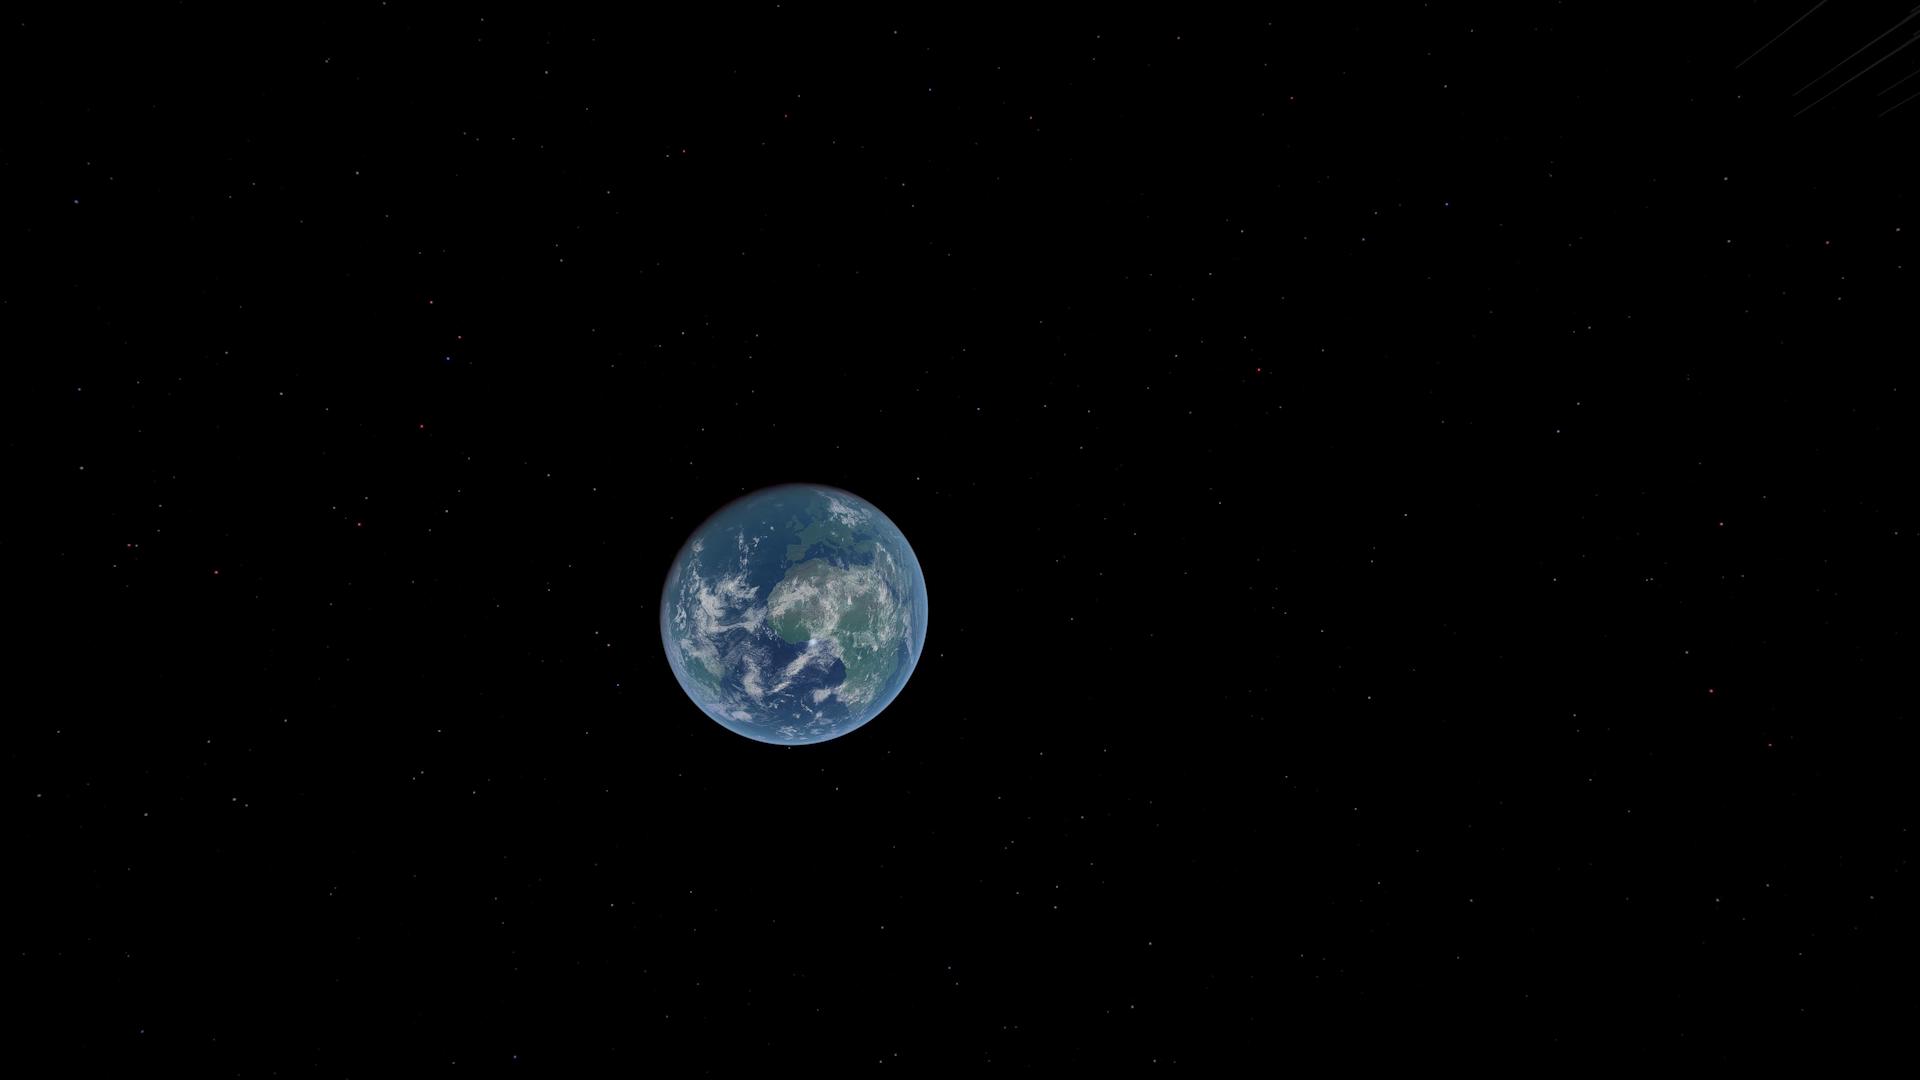 vlcsnap-2021-04-07-20h35m37s776